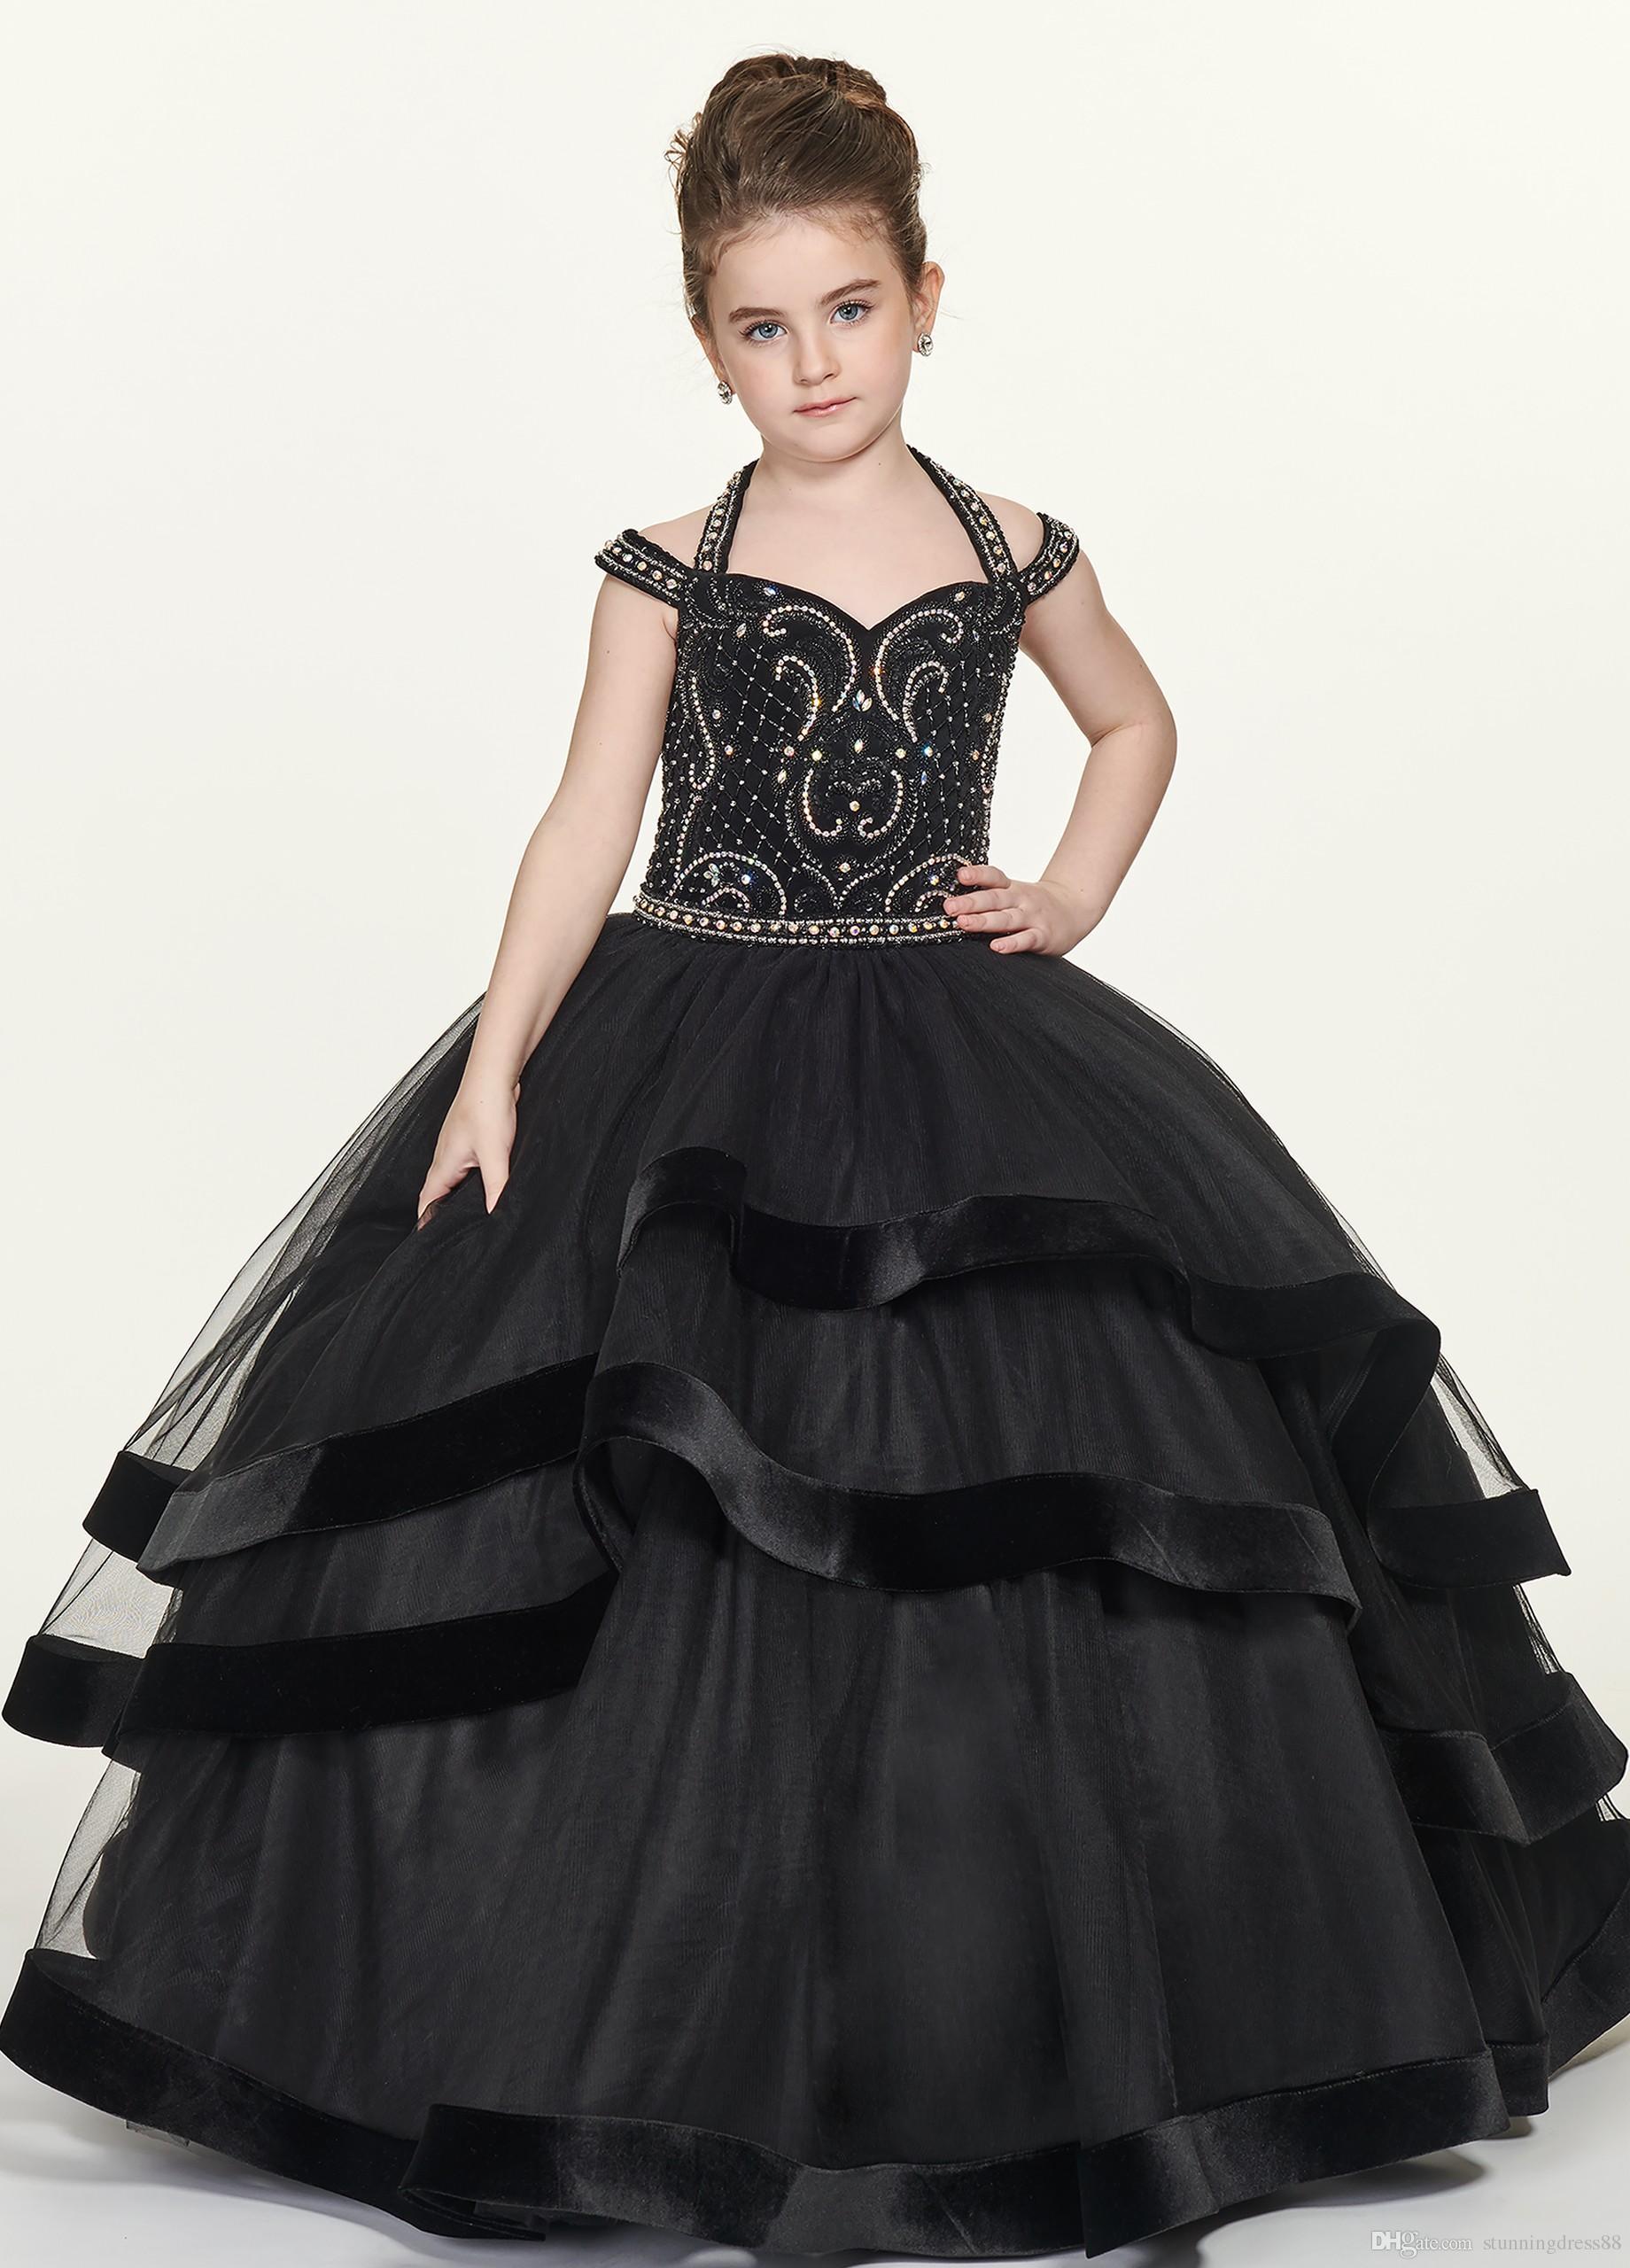 Compre Vestidos De Gala Negros Sexy 2019 Vestidos Para Niñas Vestidos Halter Diseñador De Hombros Fríos Con Impresionantes Cuentas De Cristal Tulle